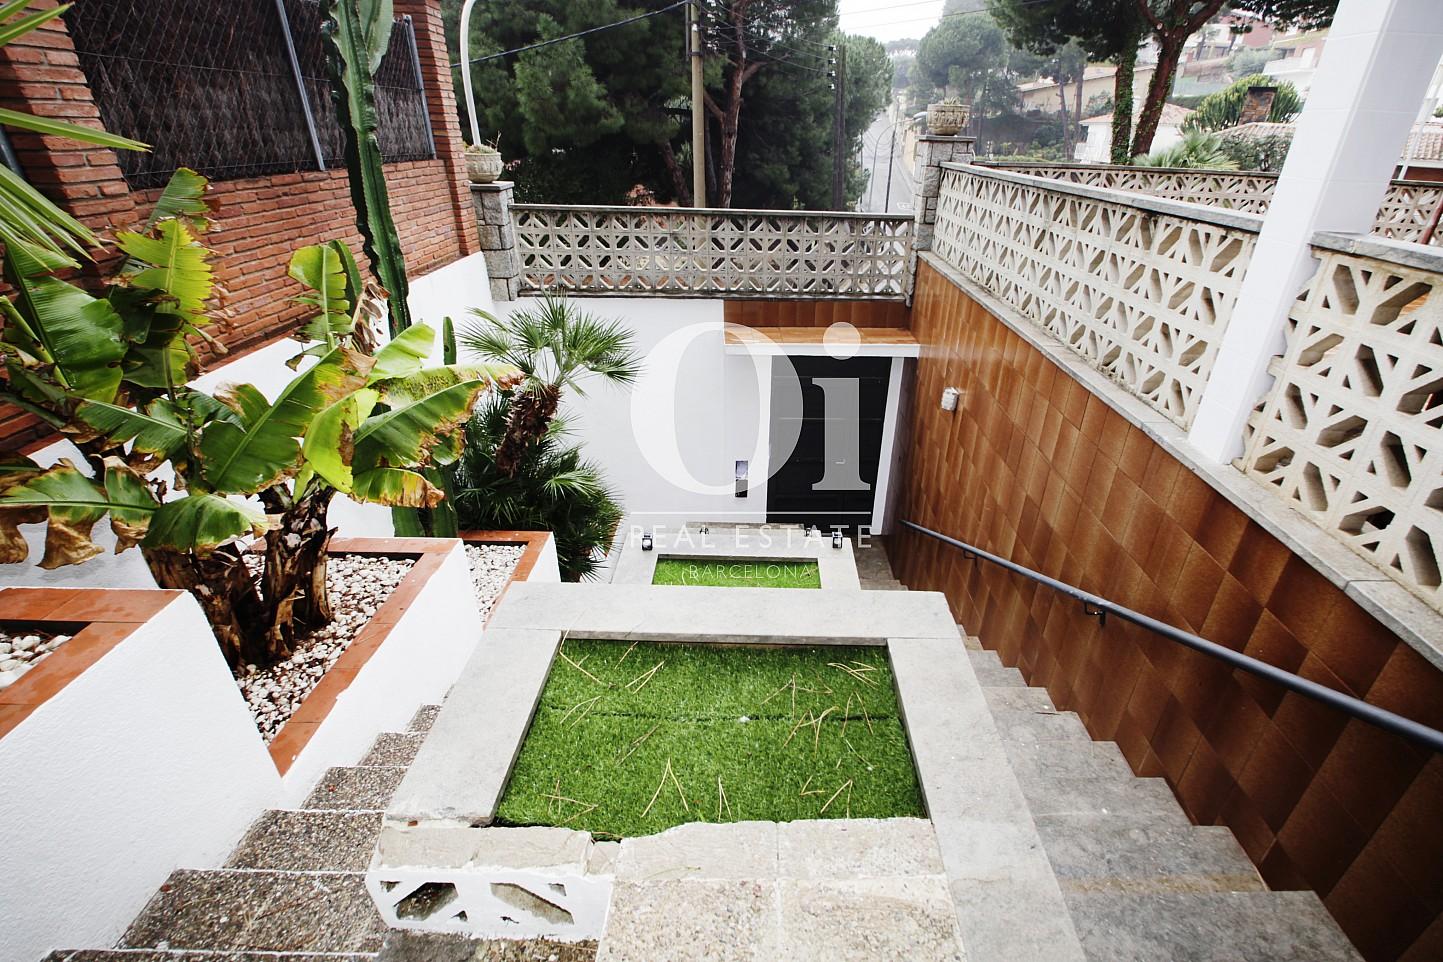 Blick auf den Garten vom Haus zur Miete in Premia de Dalt